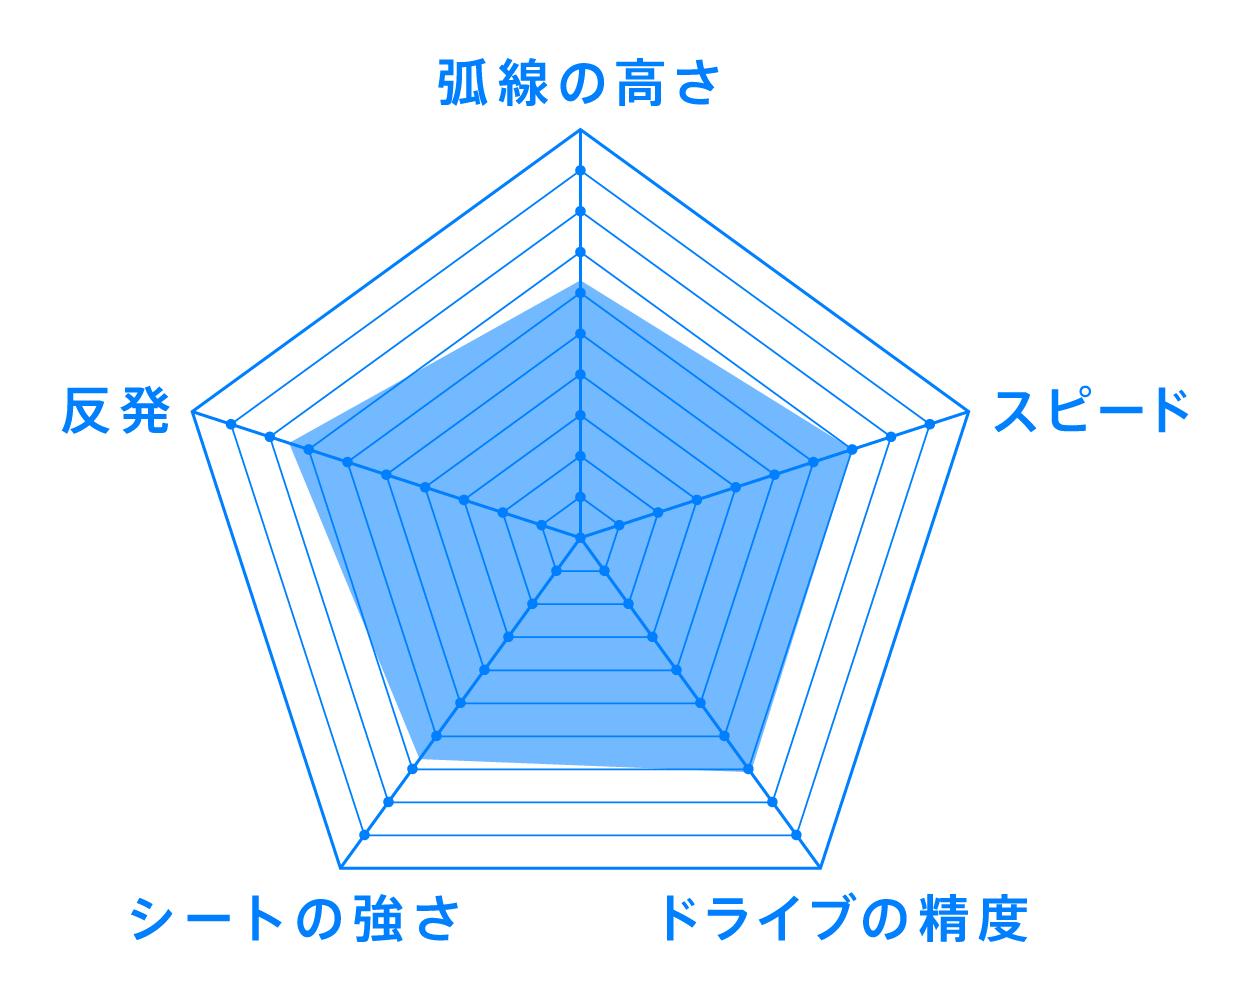 07シリーズ スティッキ―エキストラ VJC>07 Sticky Extra ラバー 性能 チャート VICTAS